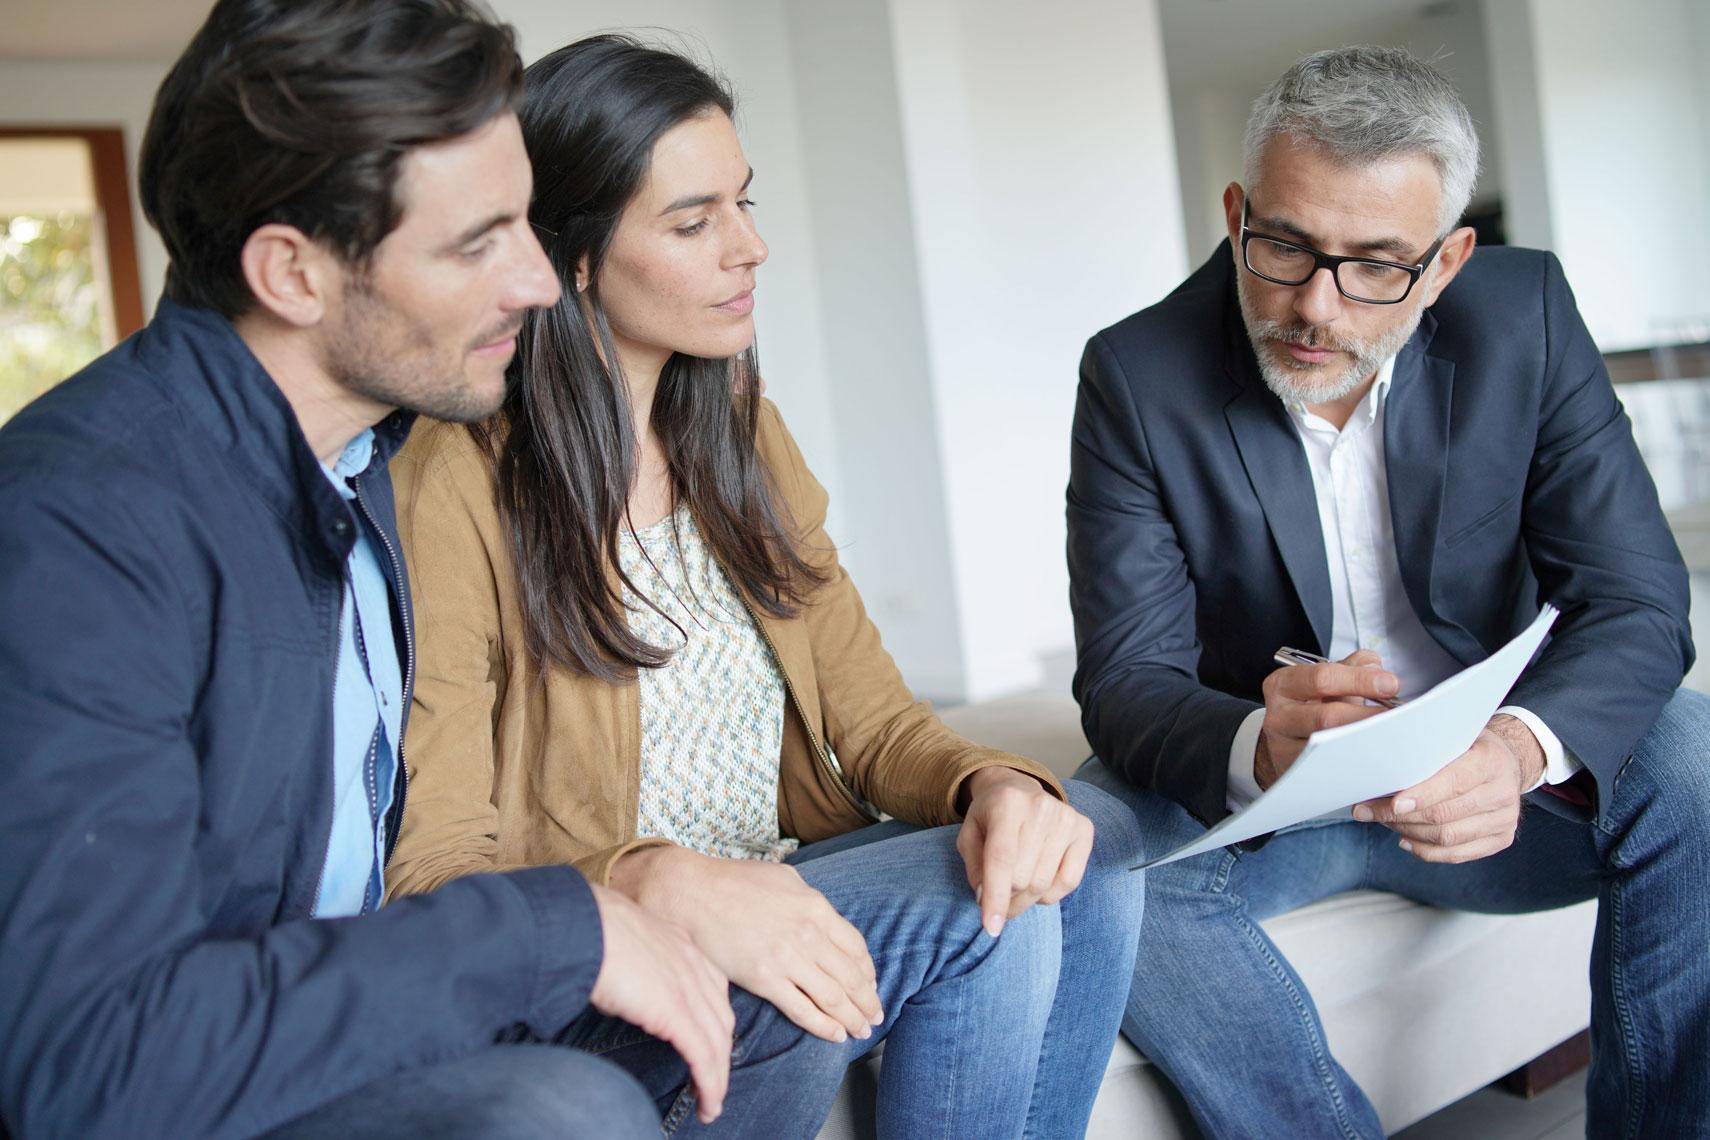 Valutazione immobiliare gratuita con RockAgent